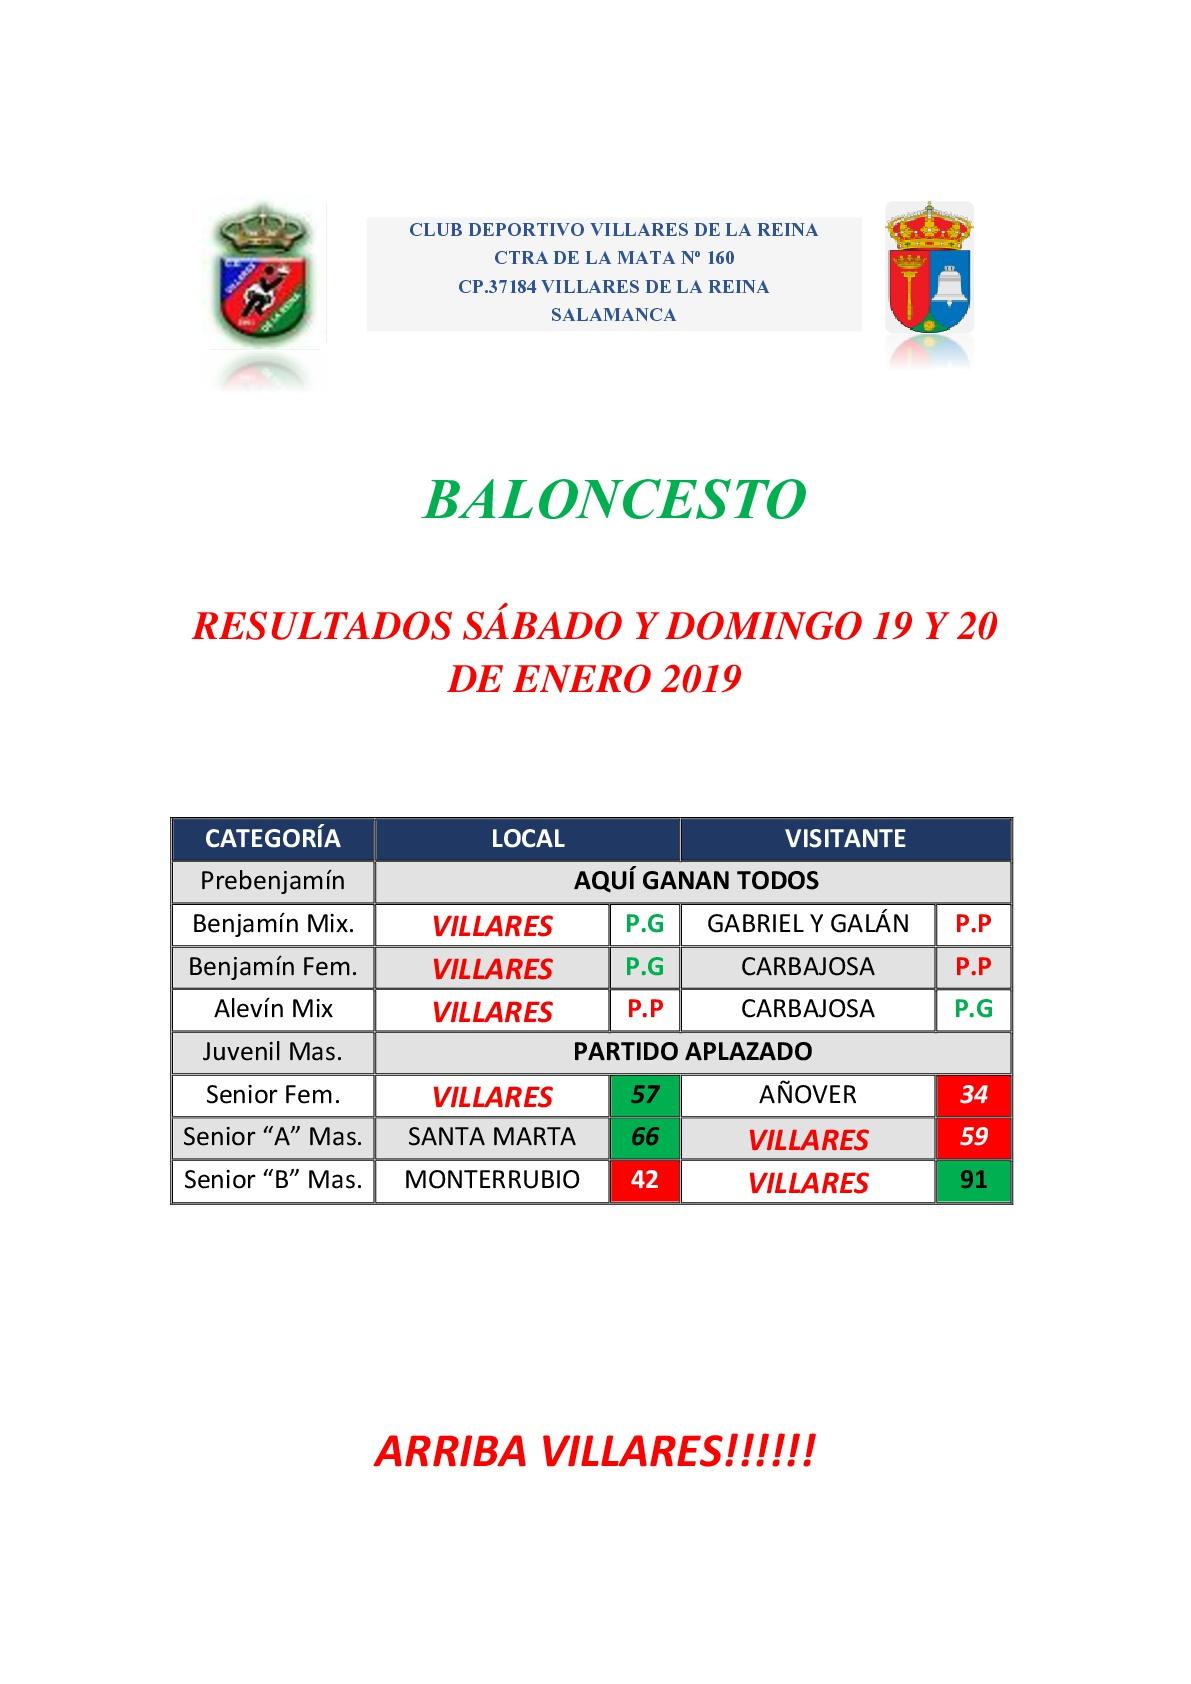 RESULTADOS DE BALONCESTO S�BADO 19 Y DOMINGO 20 DE ENERO